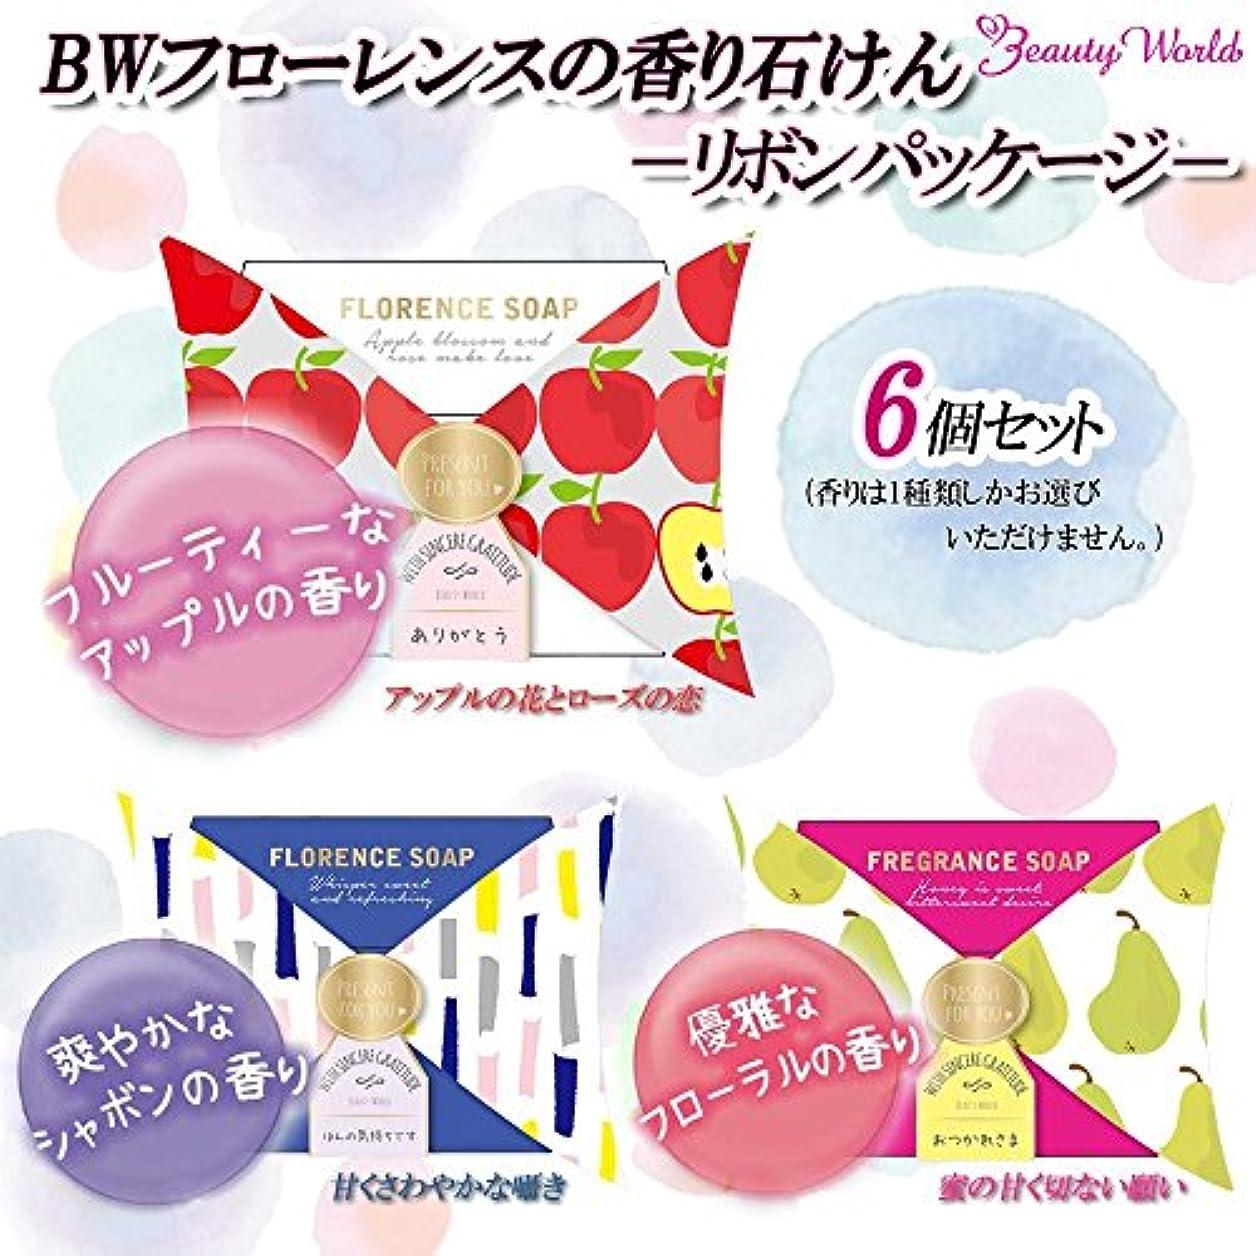 コメント診断する発生ビューティーワールド BWフローレンスの香り石けん リボンパッケージ 6個セット ■3種類の内「FSP386?蜜の甘く切ない願い」を1点のみです